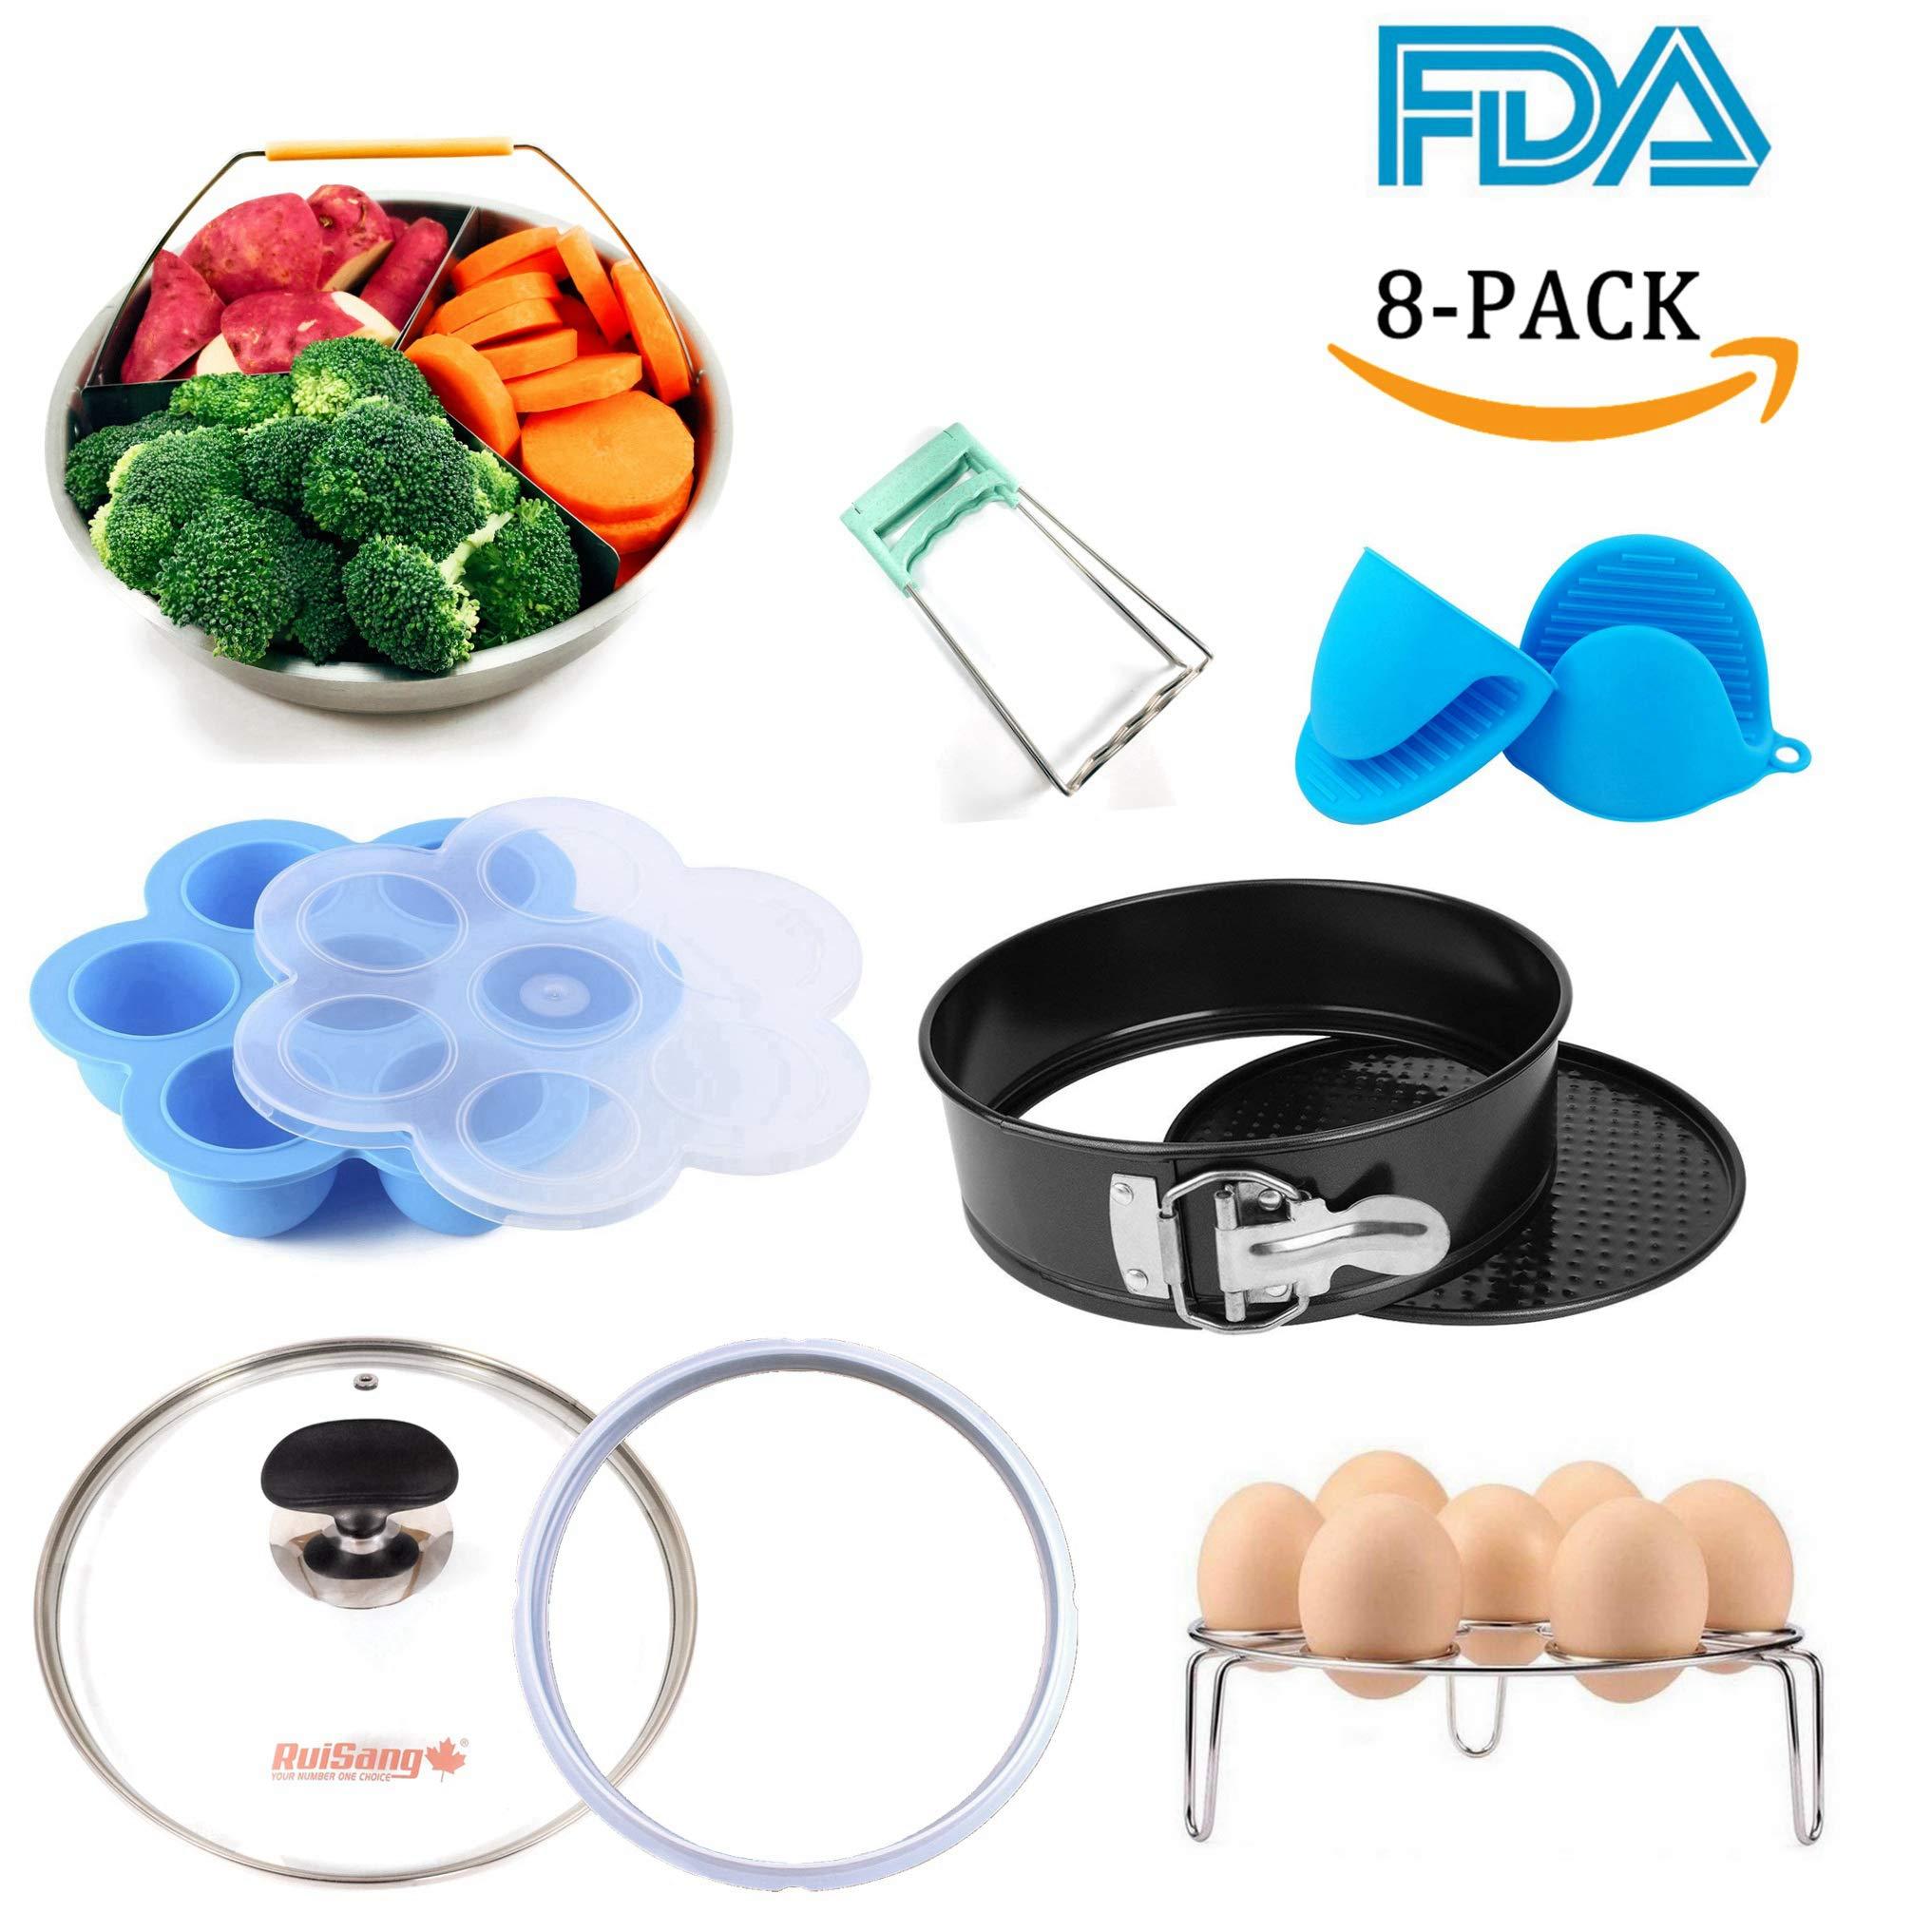 Instant Pot Accessories Set- 8 Pack Value Set- Fits 5 6 8 QT Pressure Cooker: Steamer Basket, Springform Pan, Tempered Glass Lid, Egg Rack, Bowl Clip, Silicone Egg Bites Mold, Oven Mitt & Sealing Ring